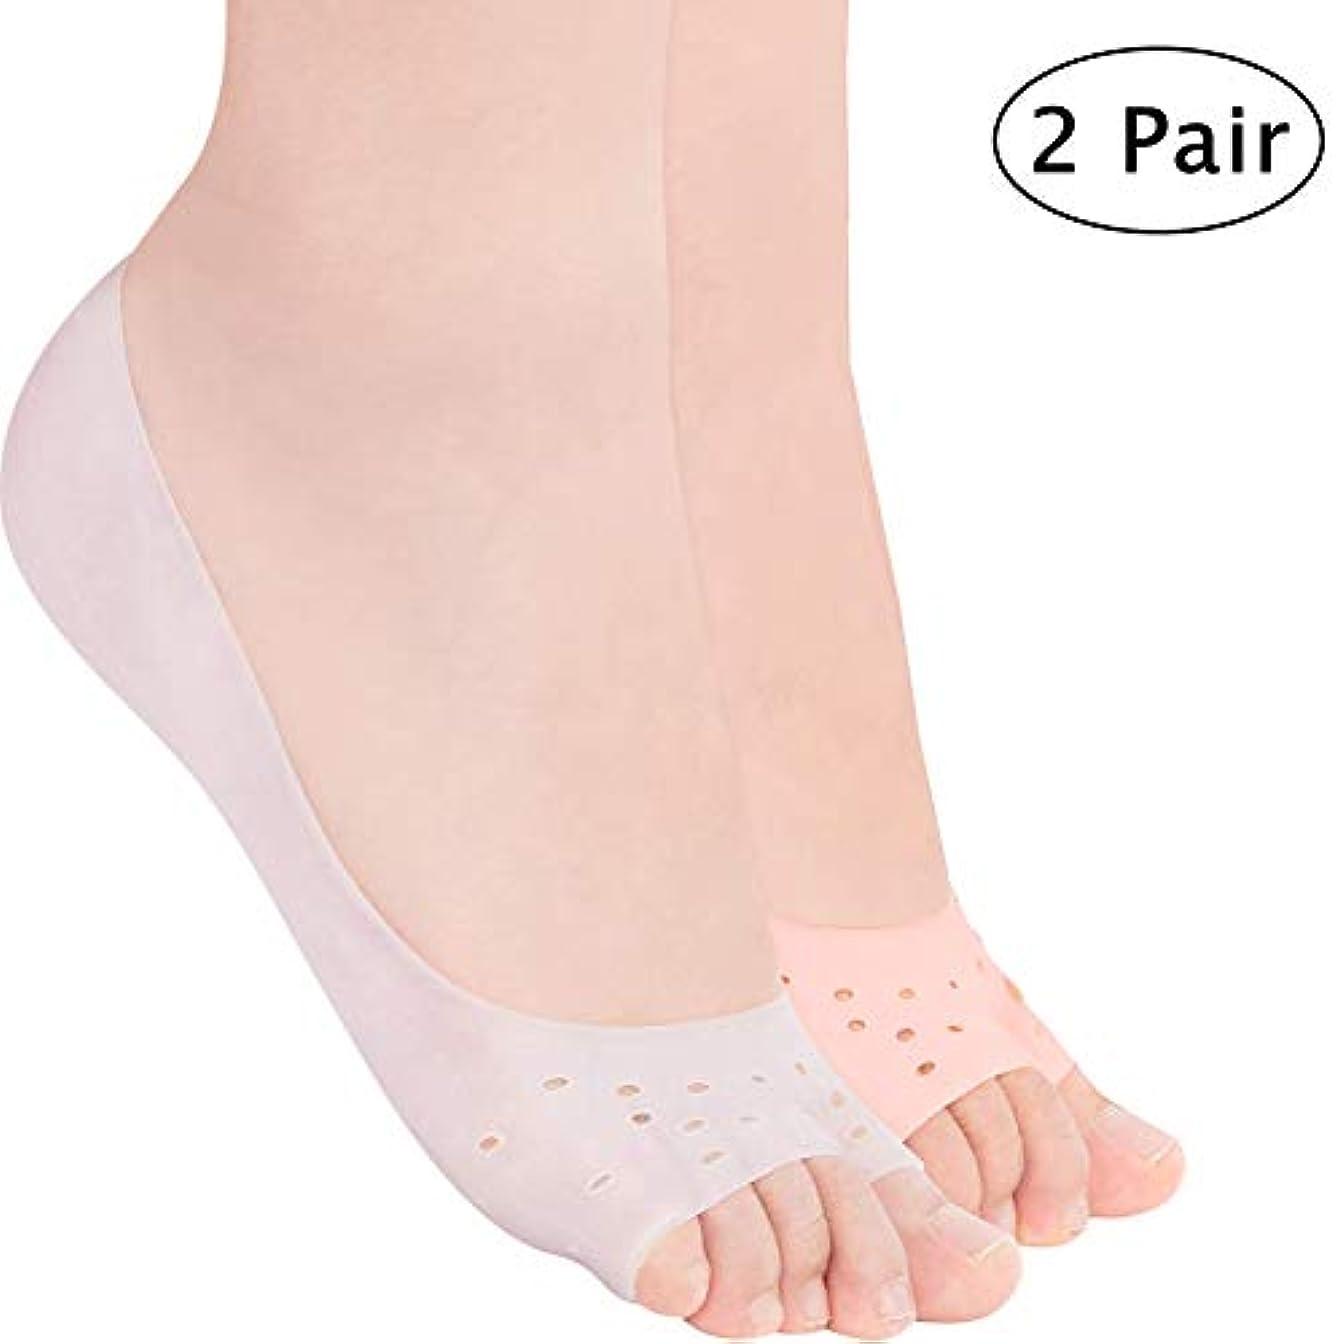 腸部屋を掃除するあいにく美容 保湿 靴下 シリコーン ソックス 弾性ひび 割れを防ぐ 通気穴付き 2足セット